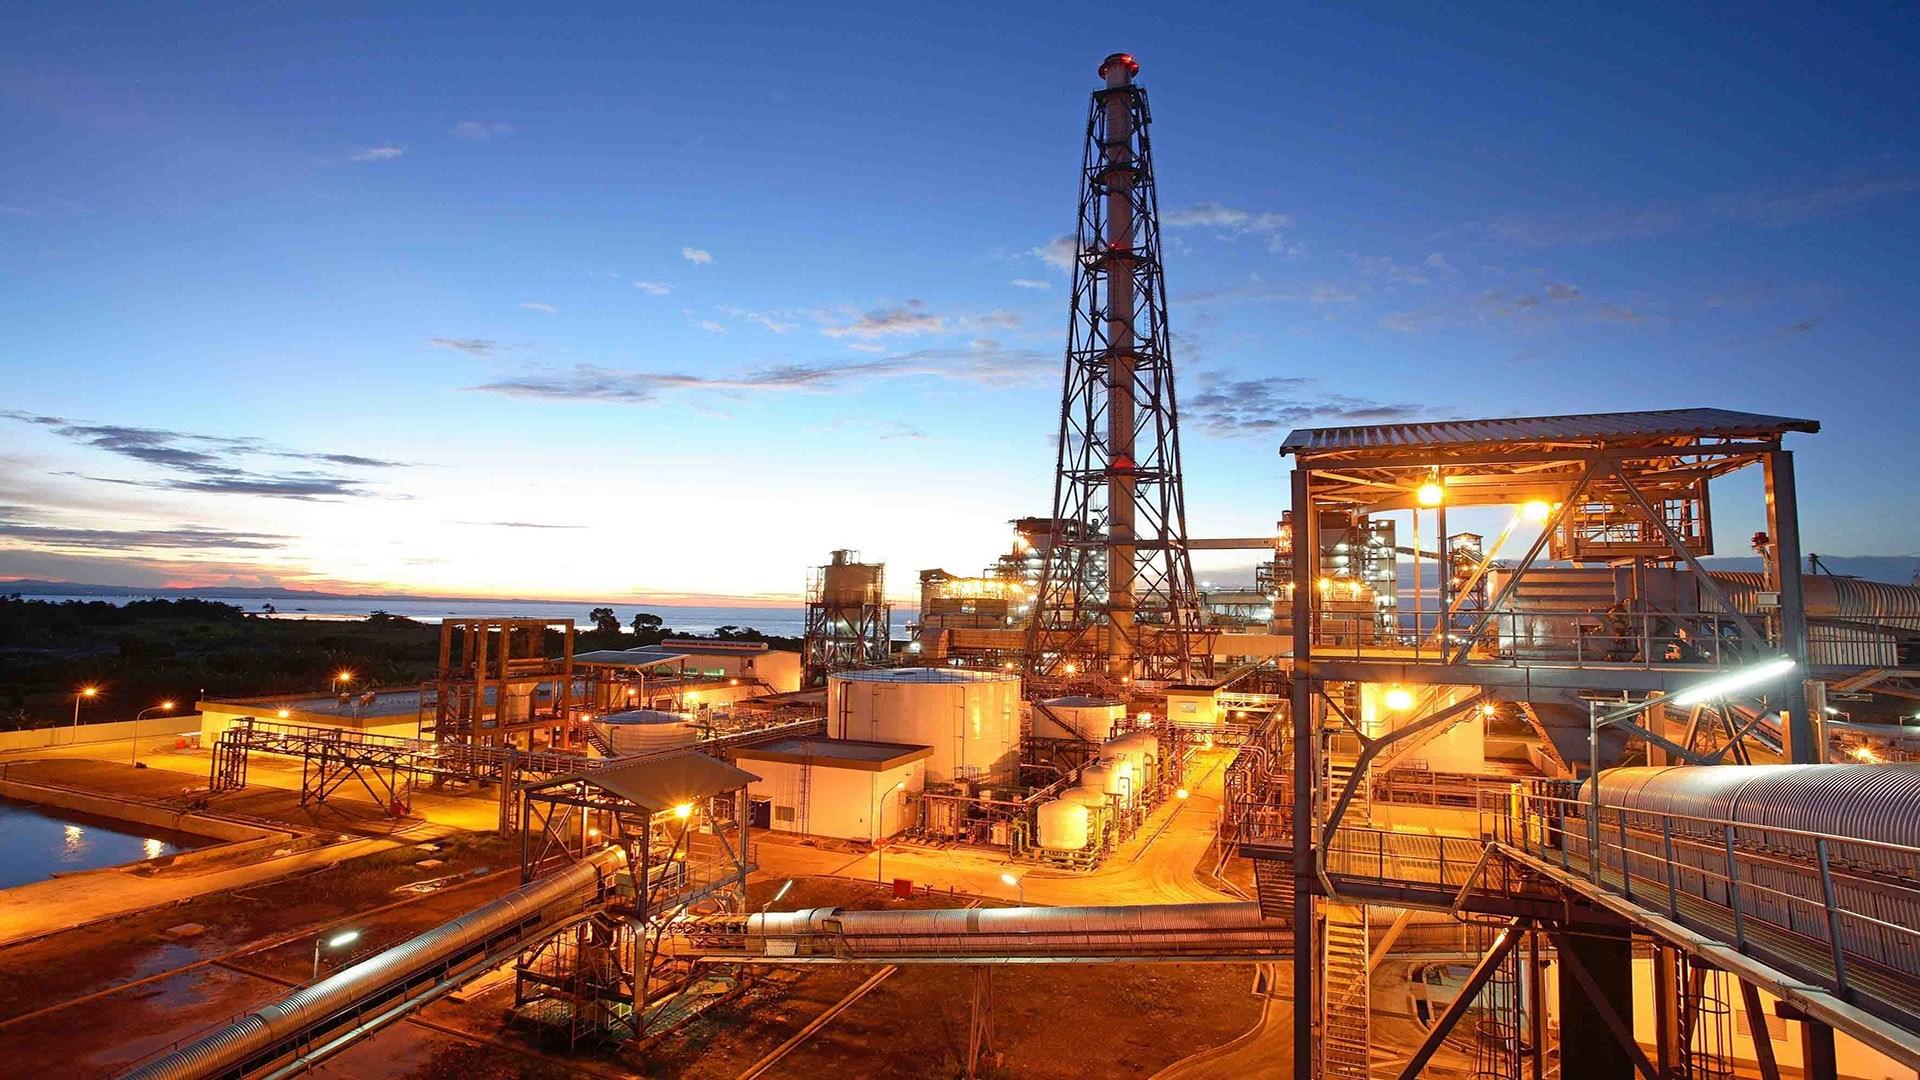 ⚙️ Промислове виробництво в Україні за рік зросло на 4,4%